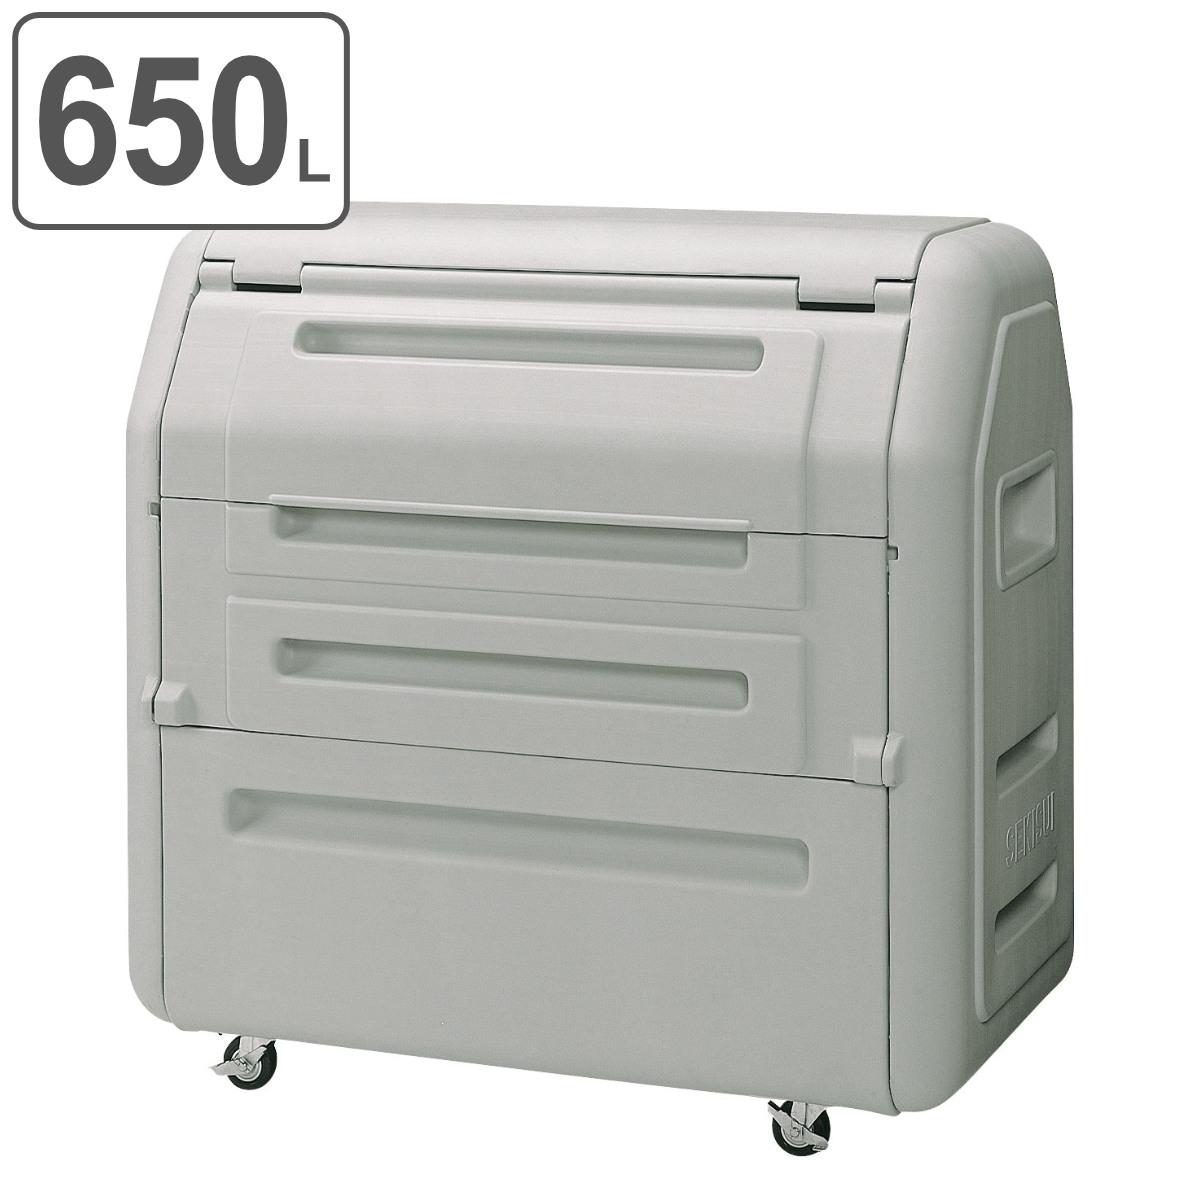 ダストボックス #700 (大型ゴミ箱 回収用 山崎産業 送料無料 ) 【5000円以上送料無料】